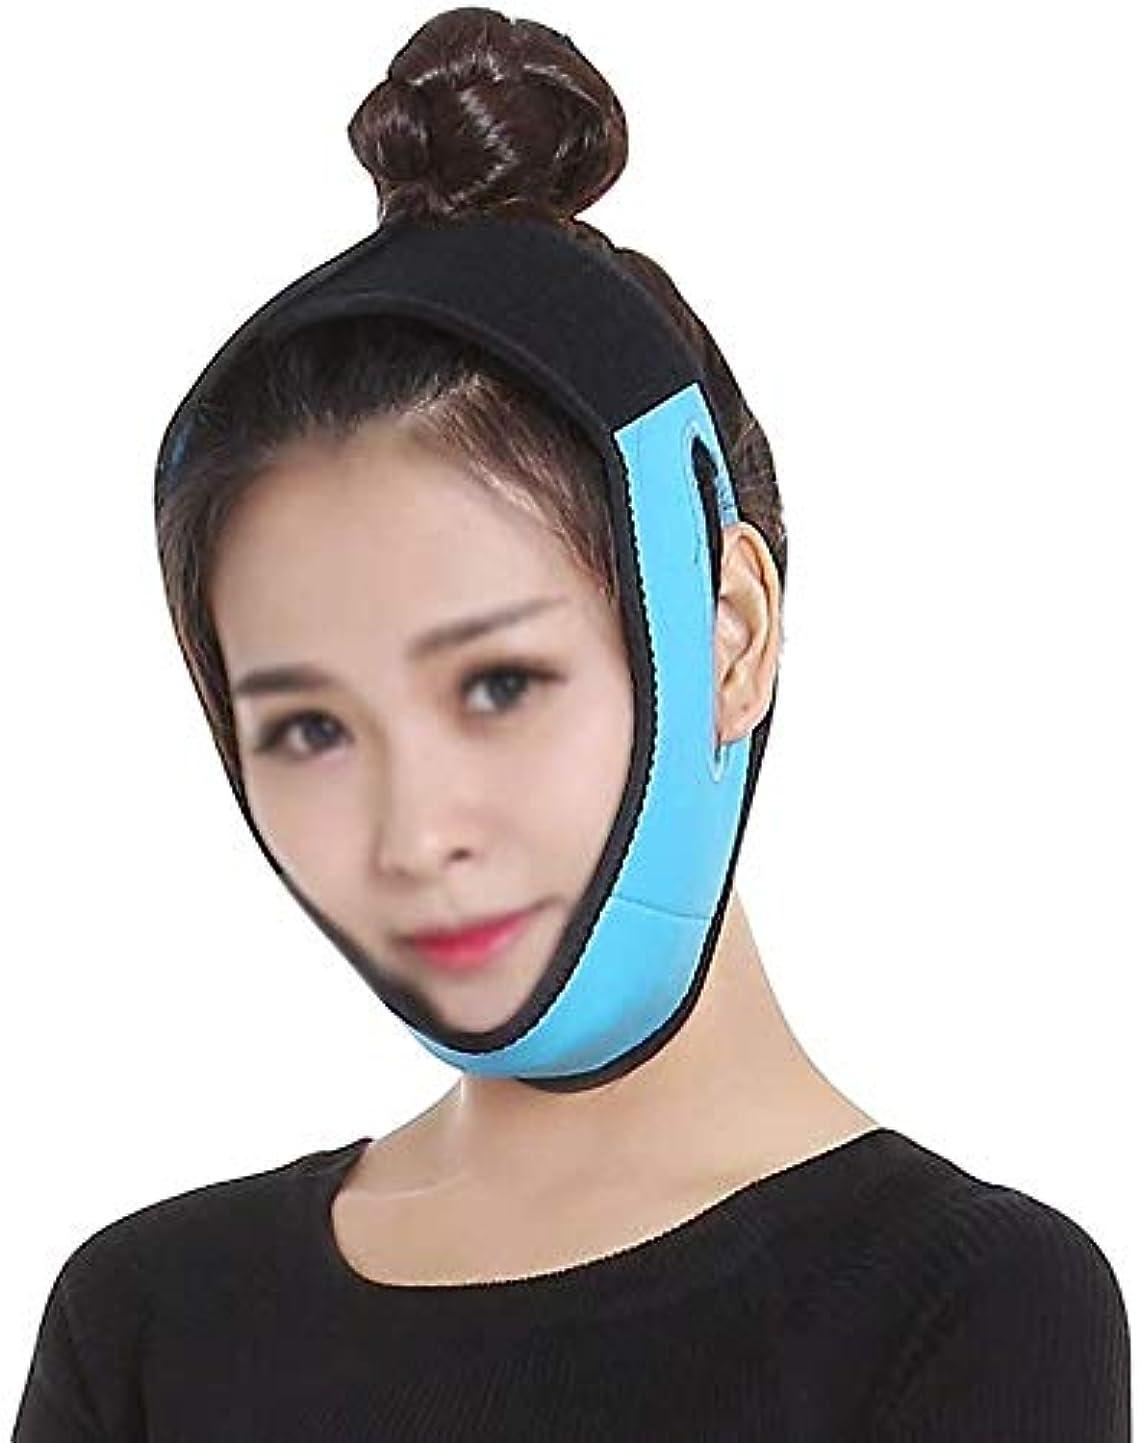 溢れんばかりの受付転用HEMFV 超薄型Vフェイスラインスリムアップベルト二重あごフェイススリミングチークマスク通気性のチンストラップリフトアップアンチリンクルマスクを削減